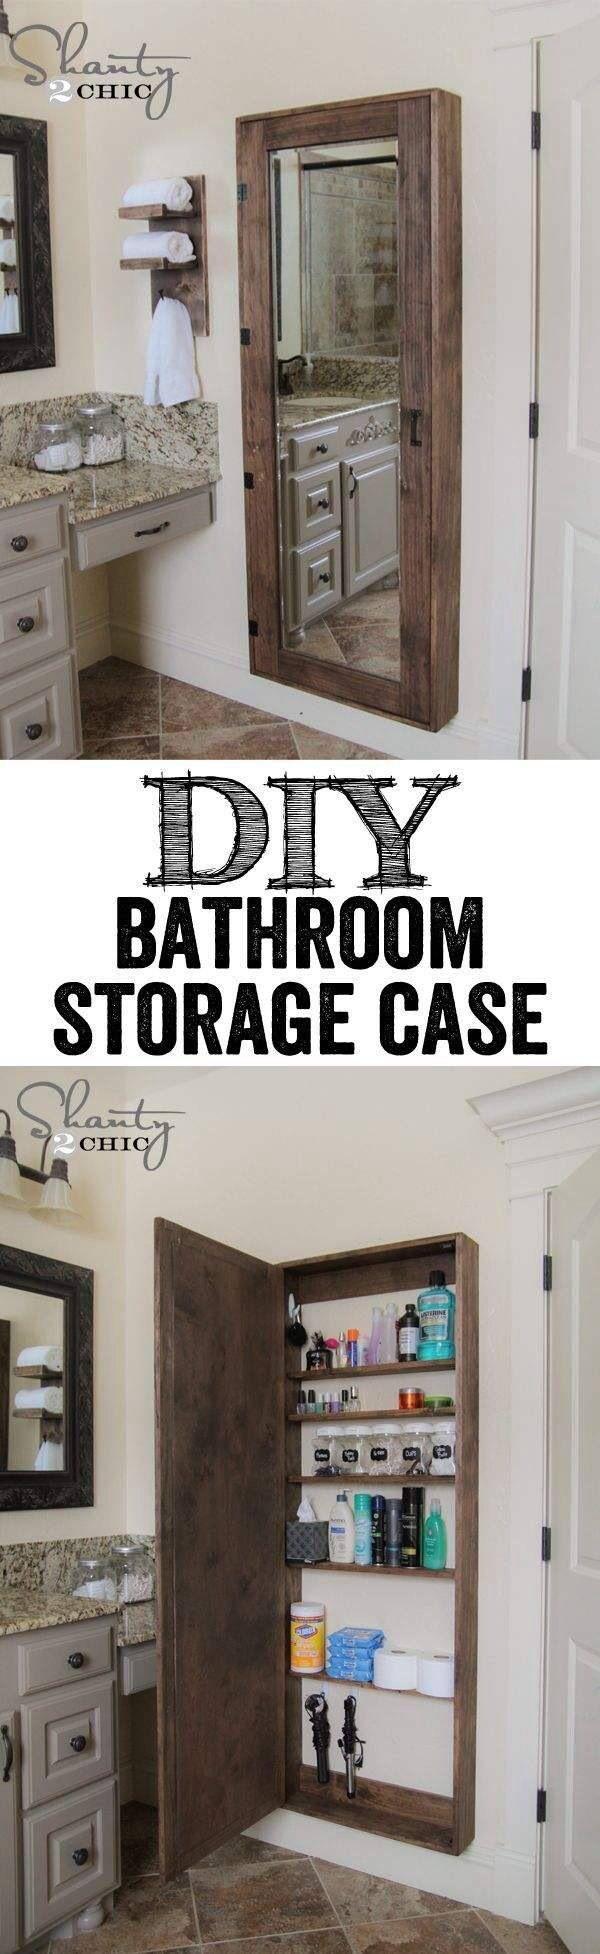 Neat idea I wanna try one day.